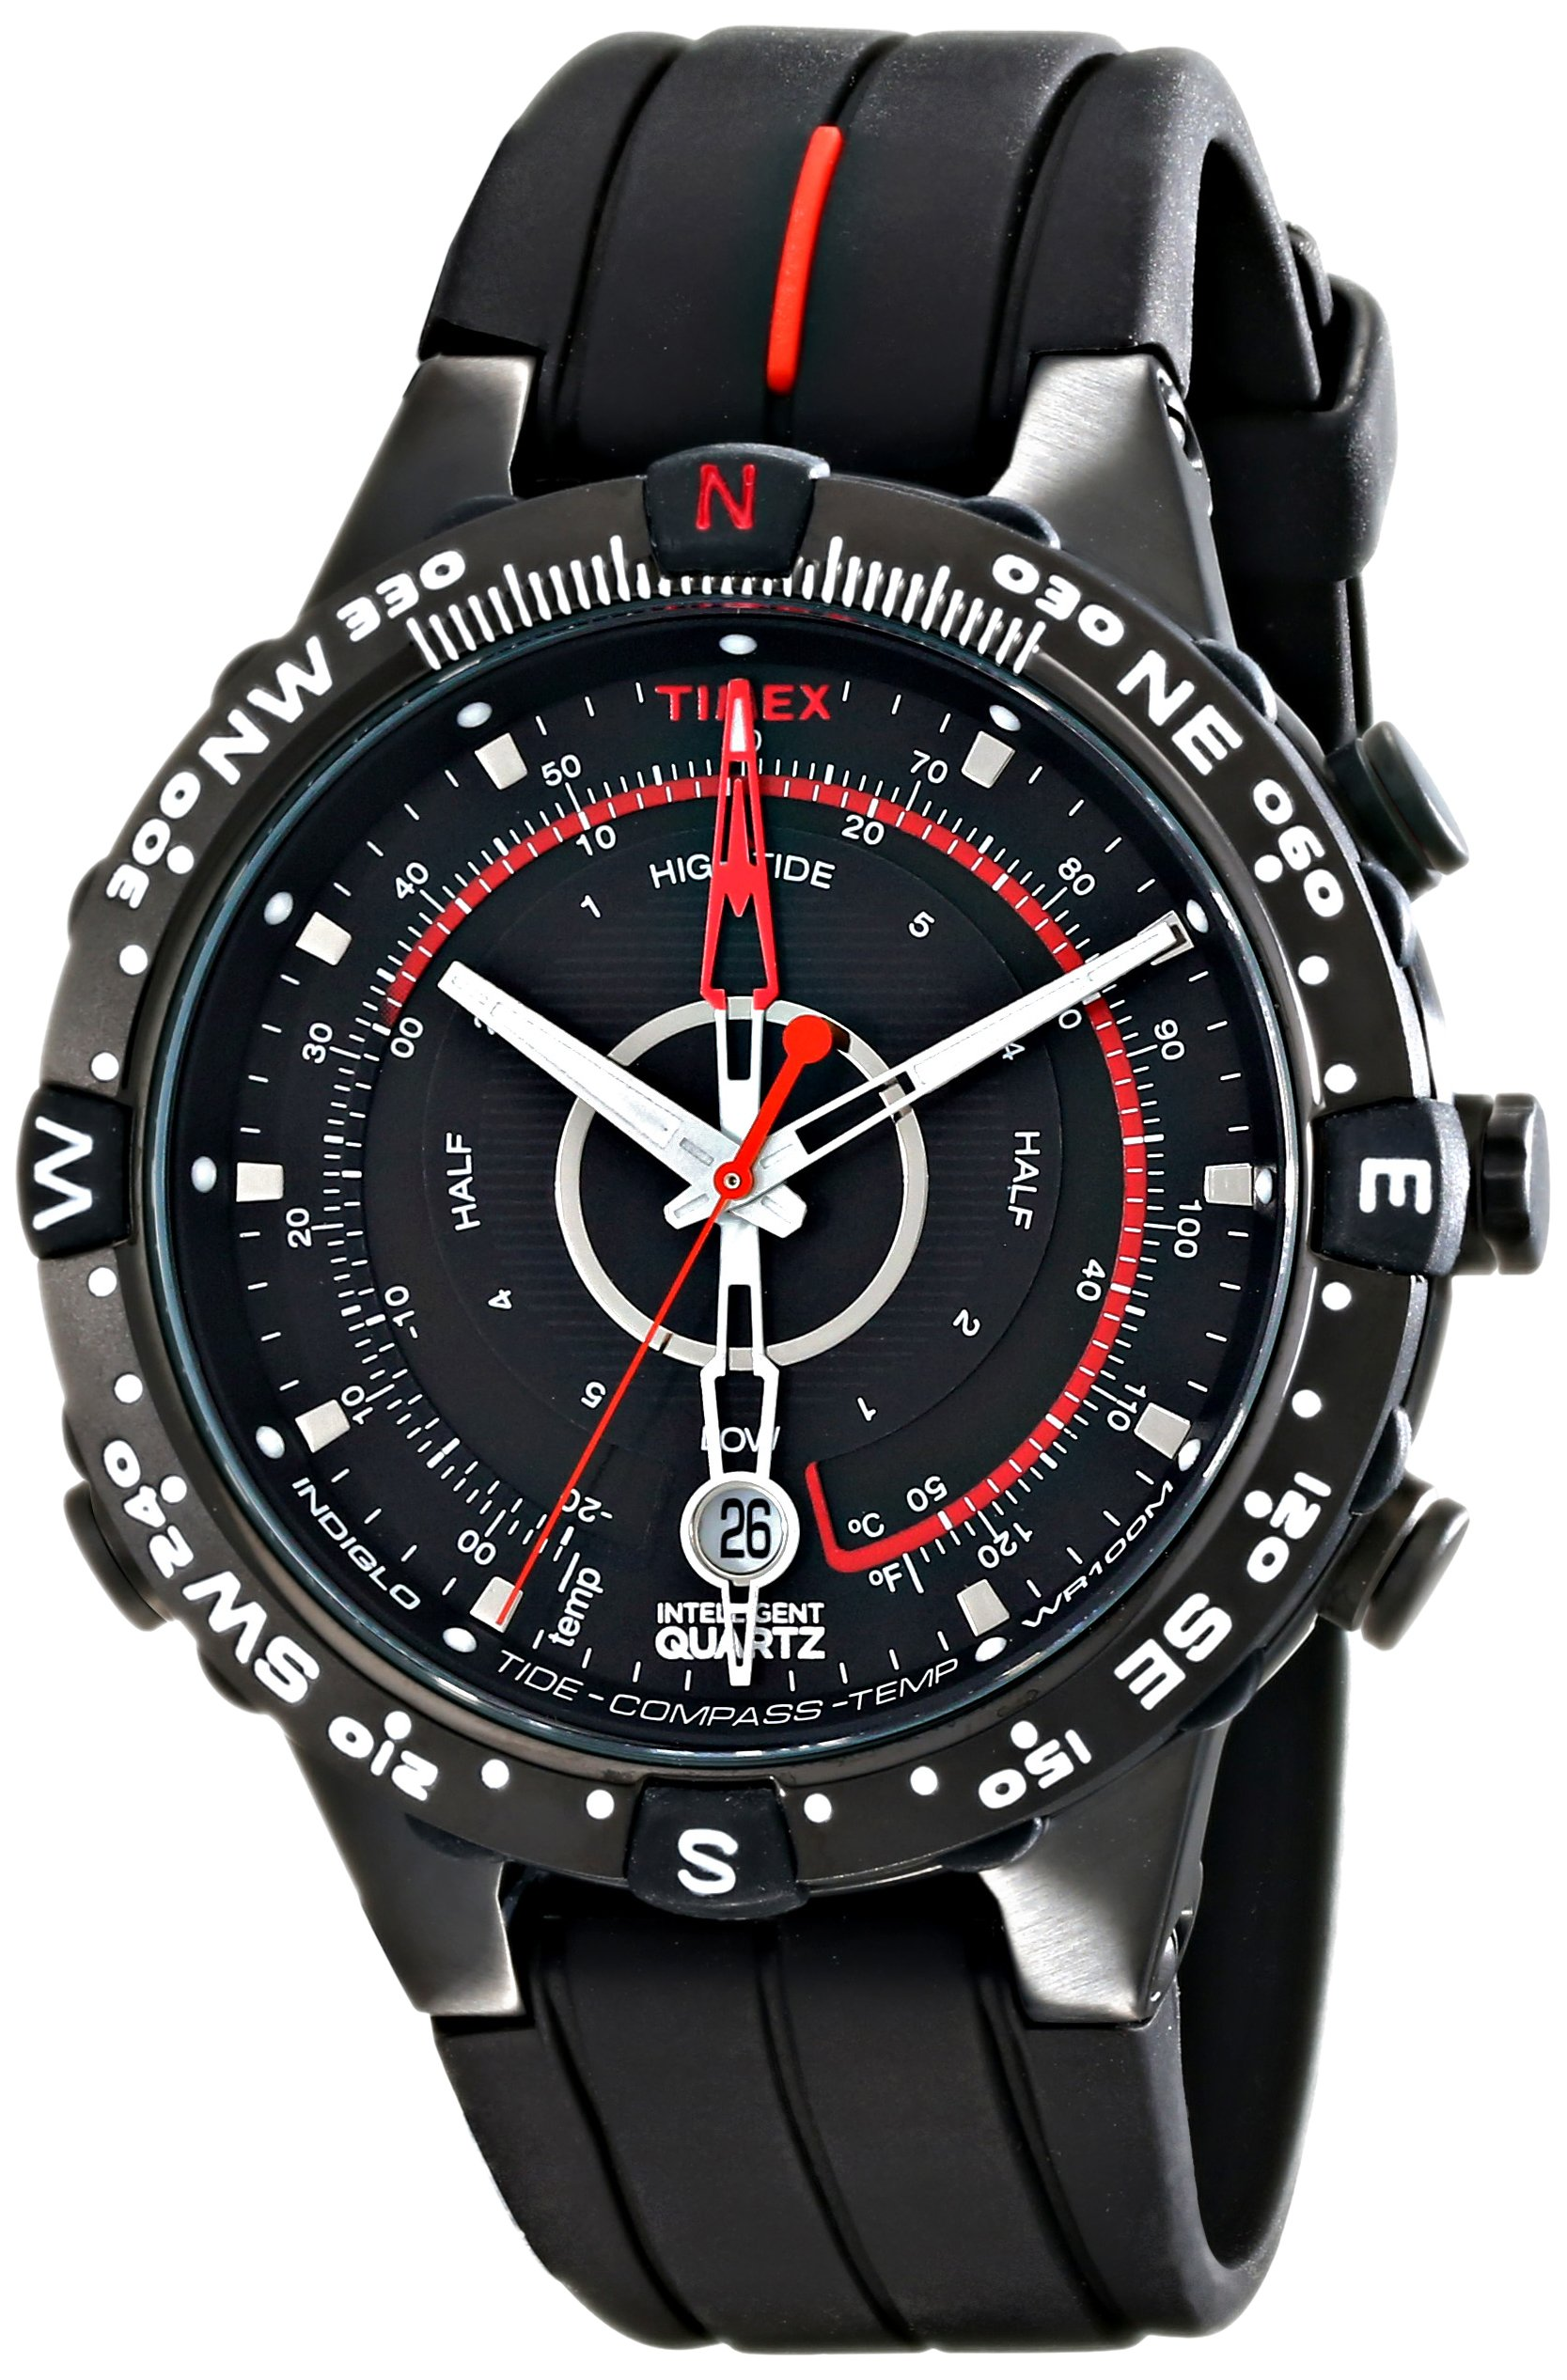 timex intelligent quartz compass watch manual